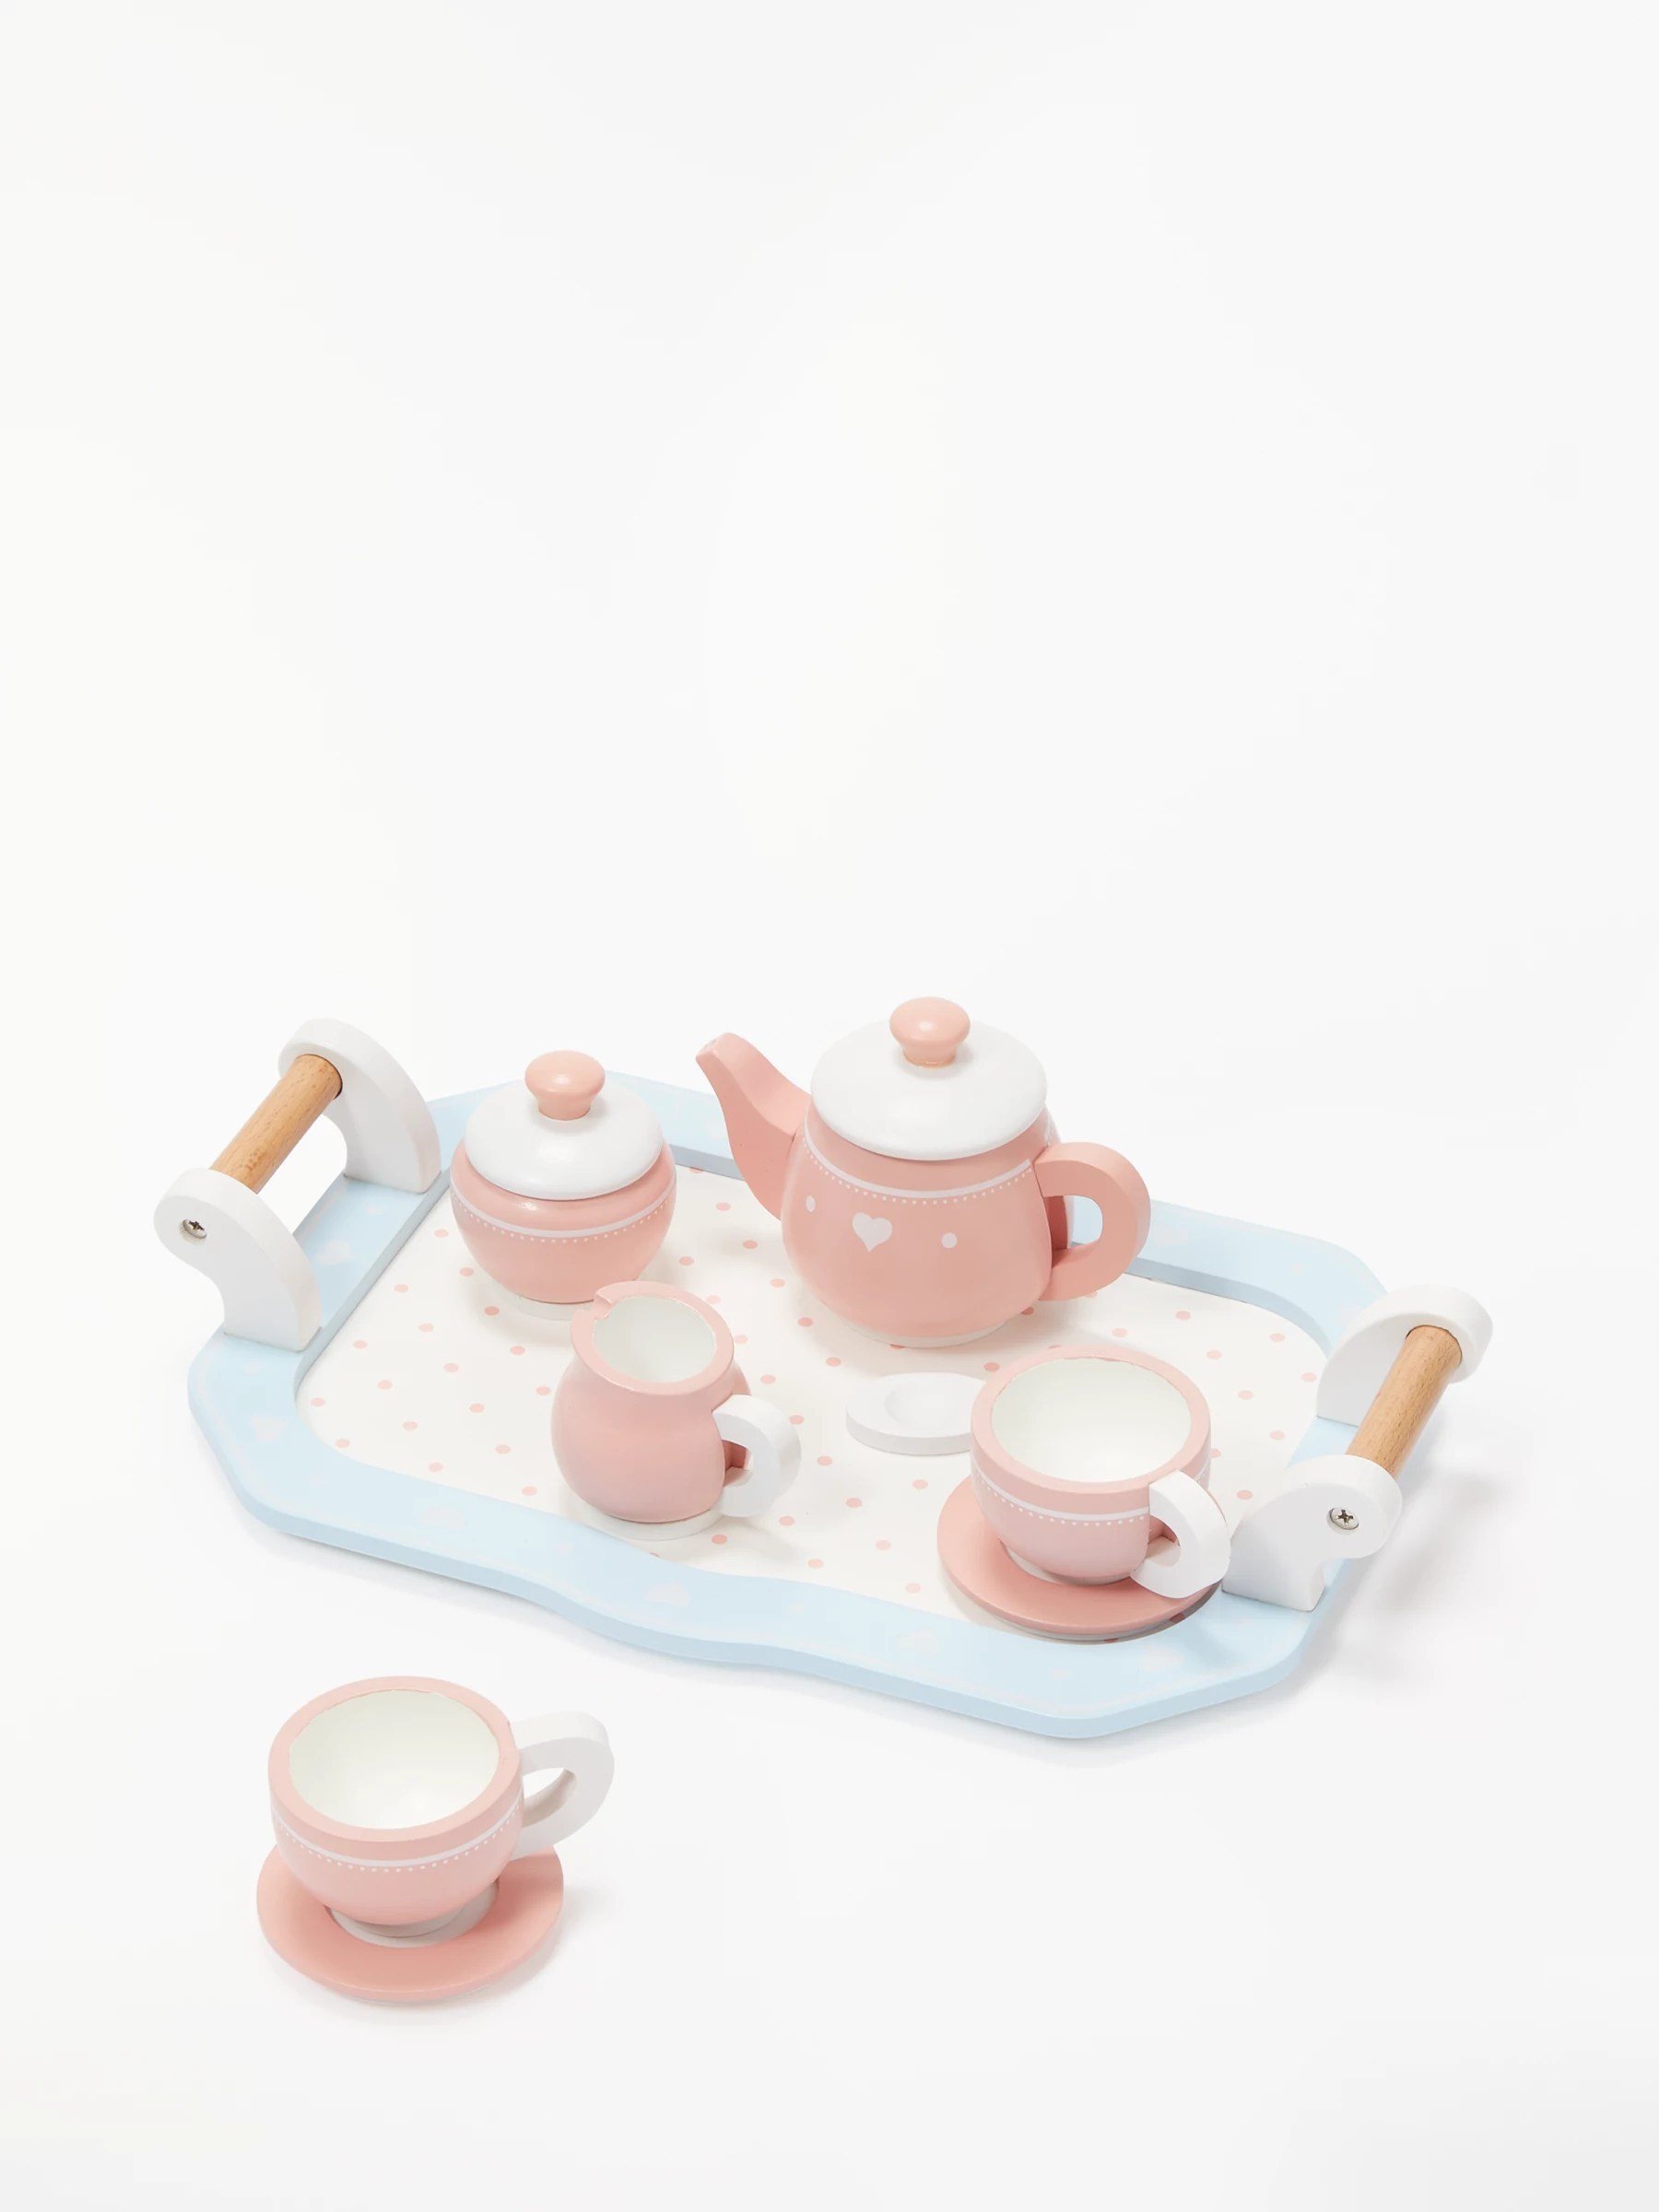 Buy John Lewis Wooden Toy Tea Set  John Lewis